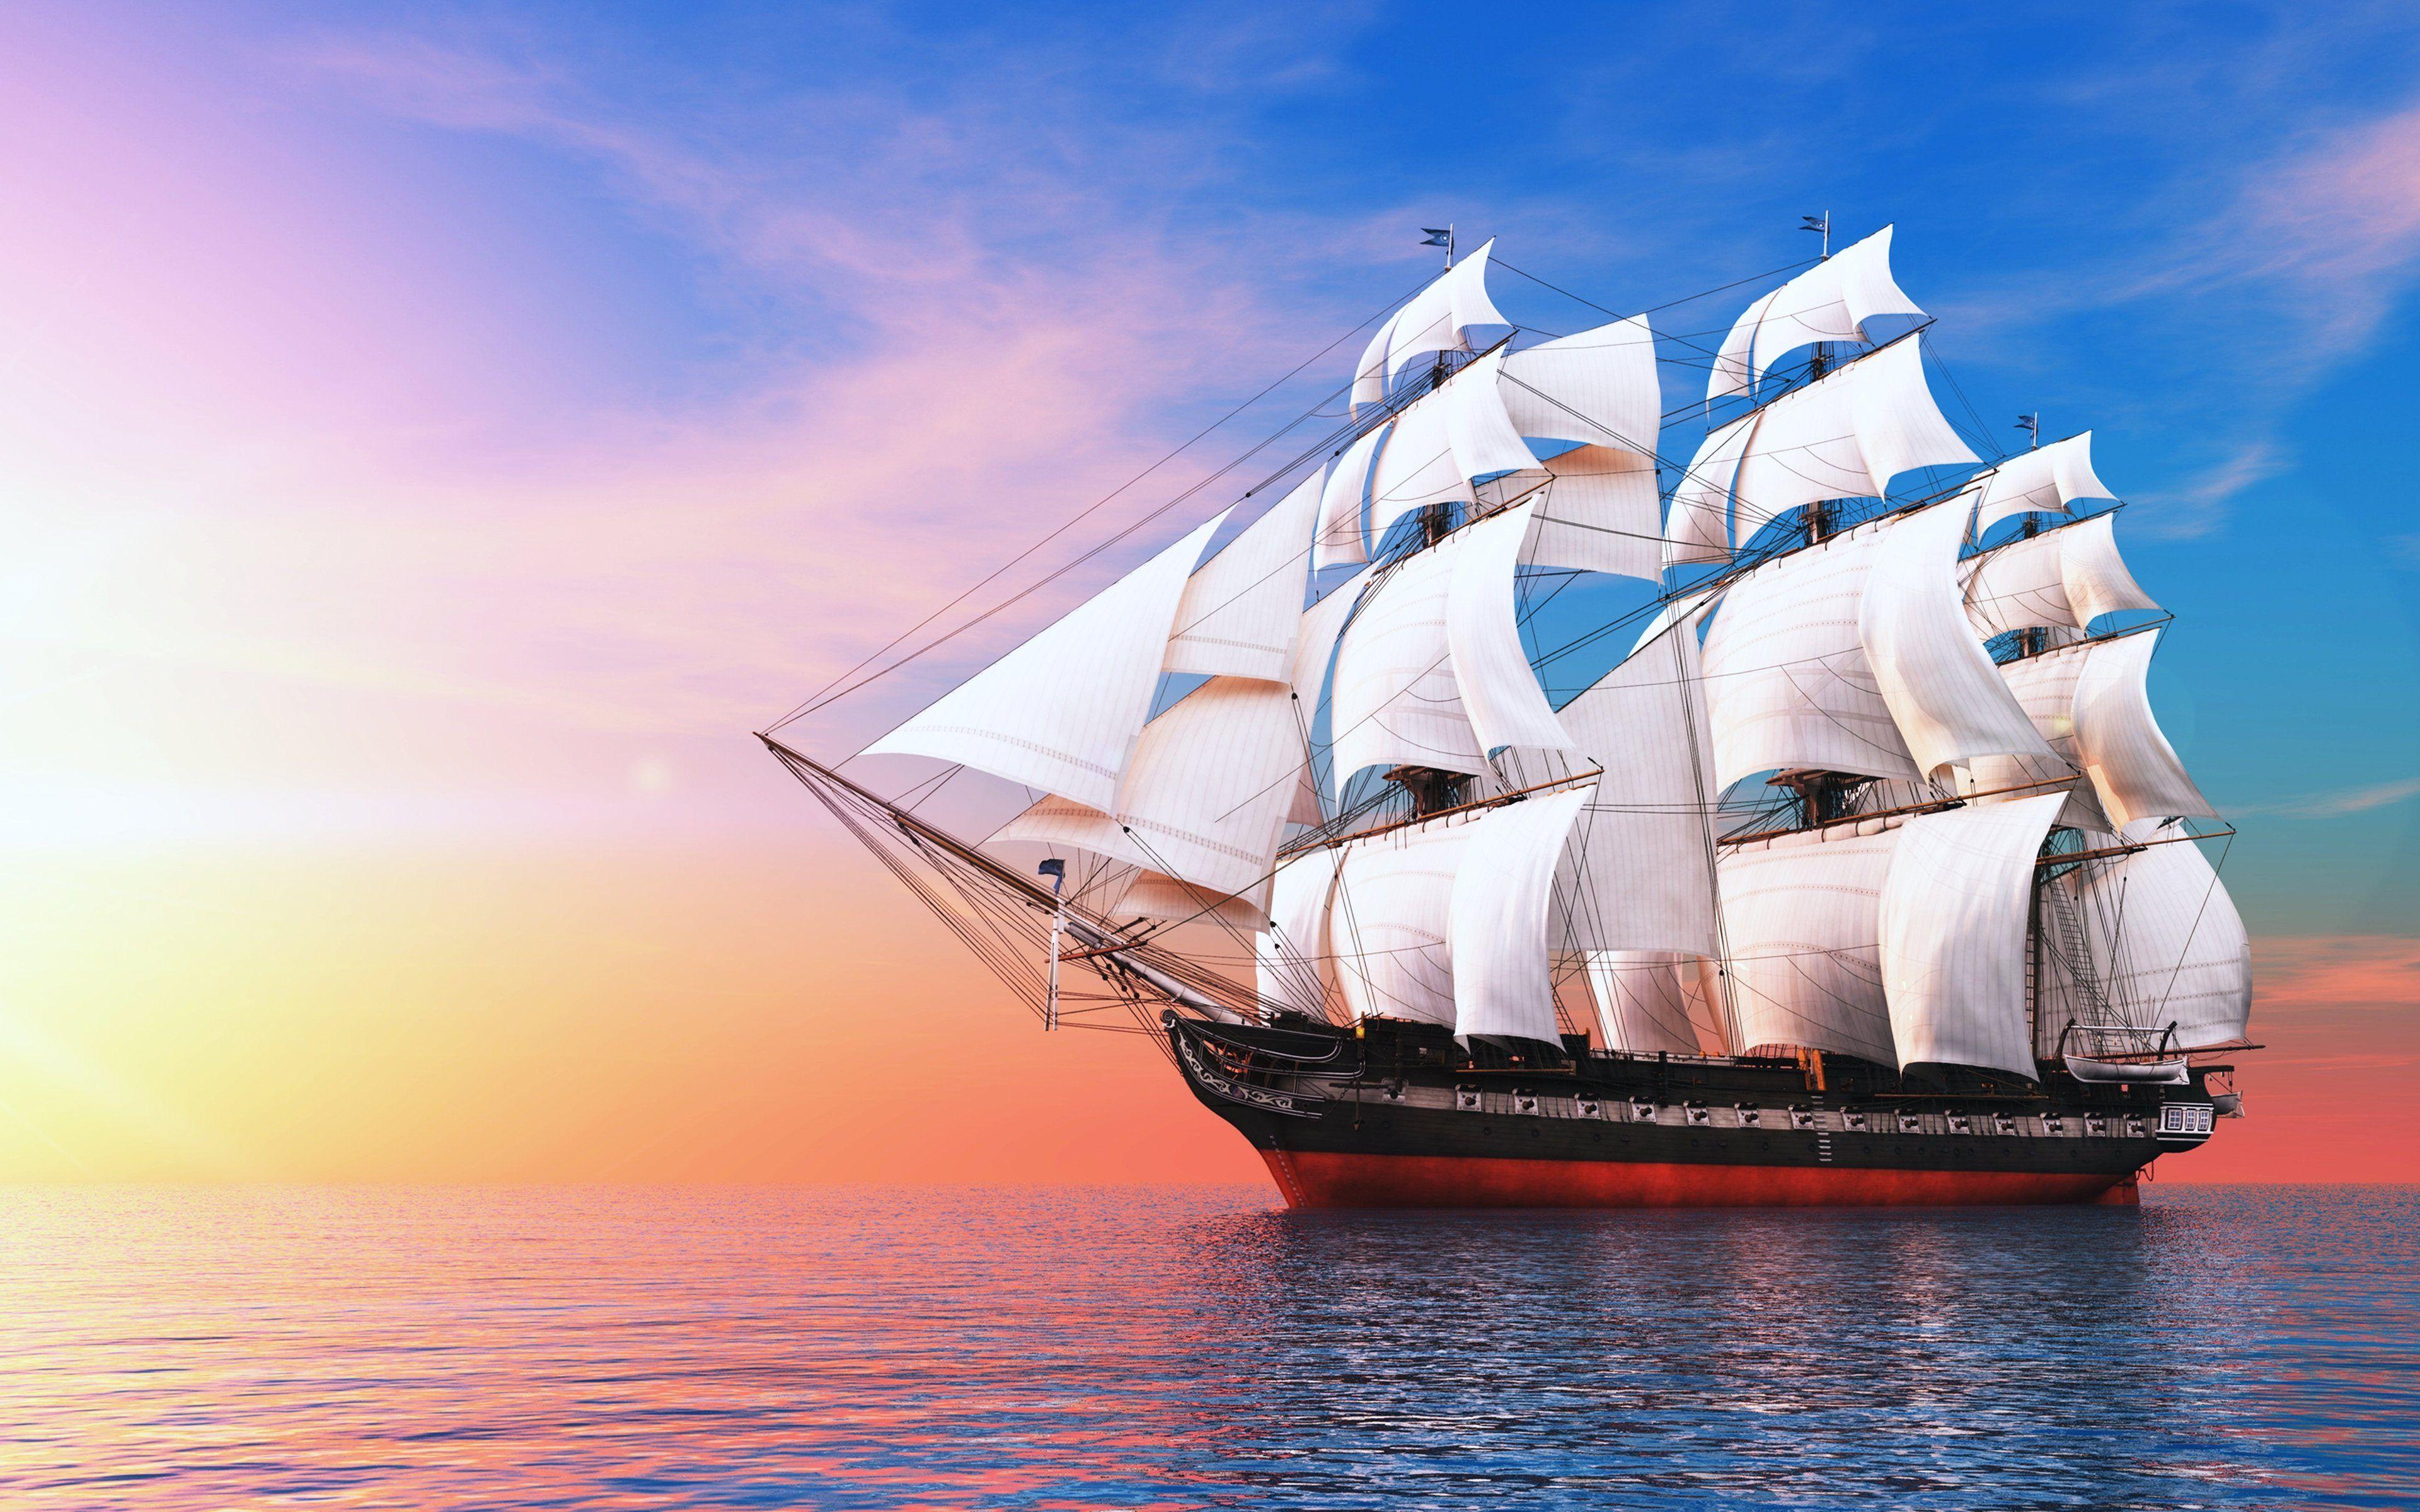 Sailing Ship Wallpaper Jpg 3840 2400 Sailing Ships Sailing Ocean Sailing